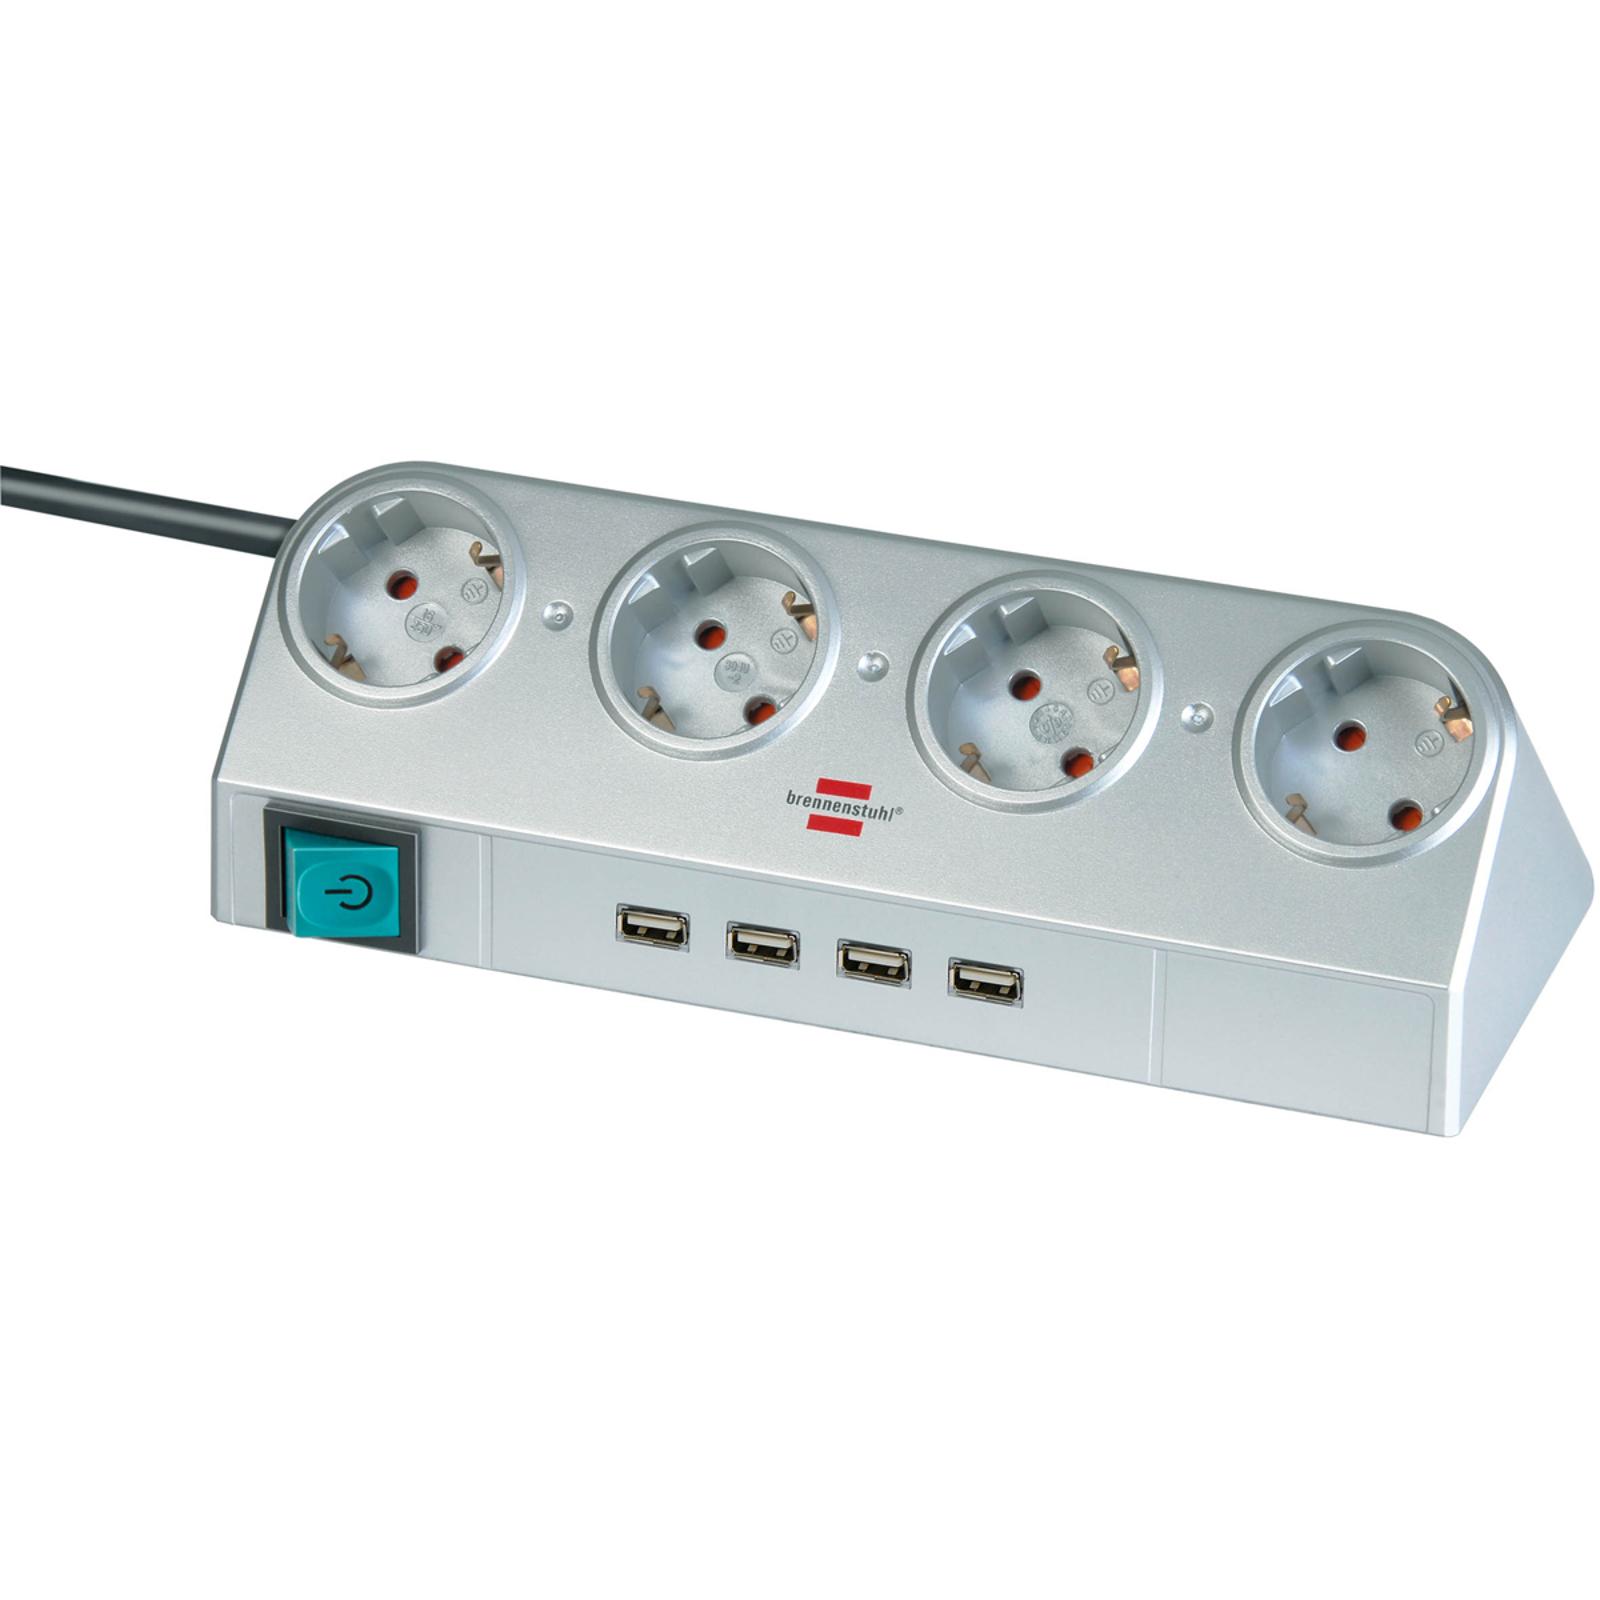 Desktop-Power stikdåseliste med afbryder & USB